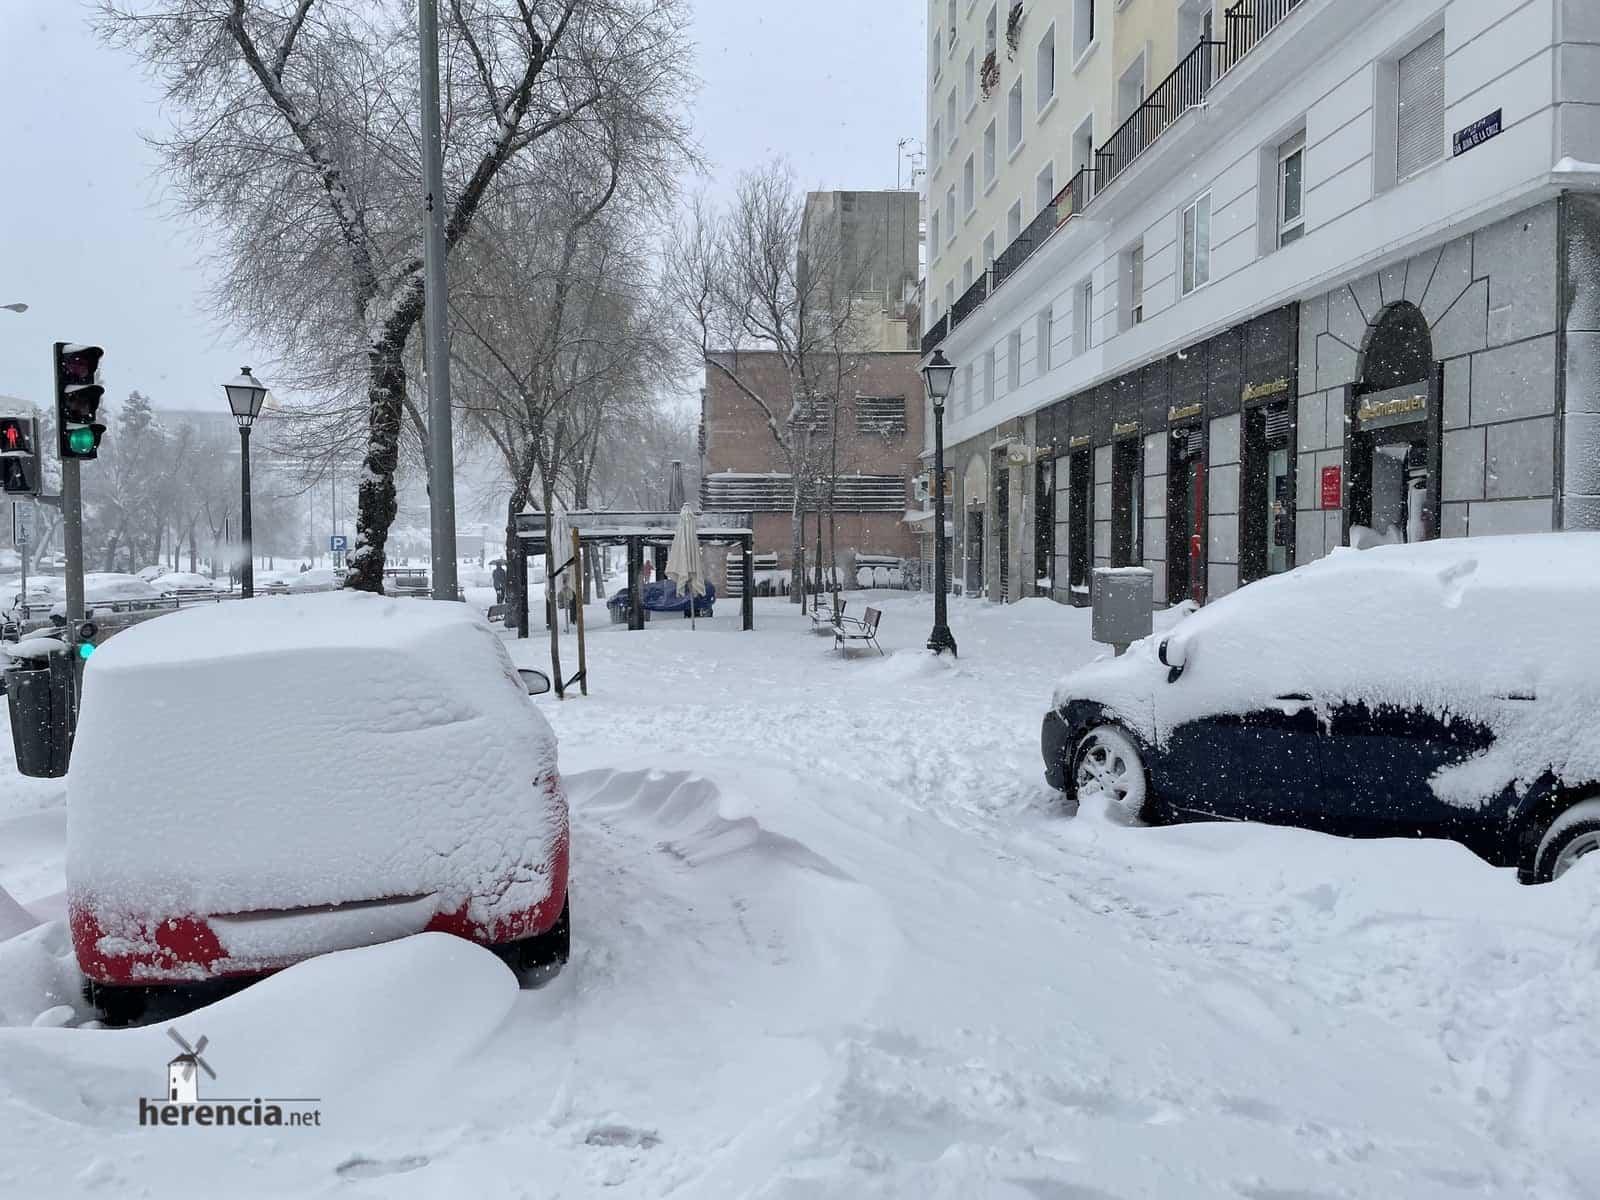 Más fotografías de las nieves de 2021 en Herencia 149